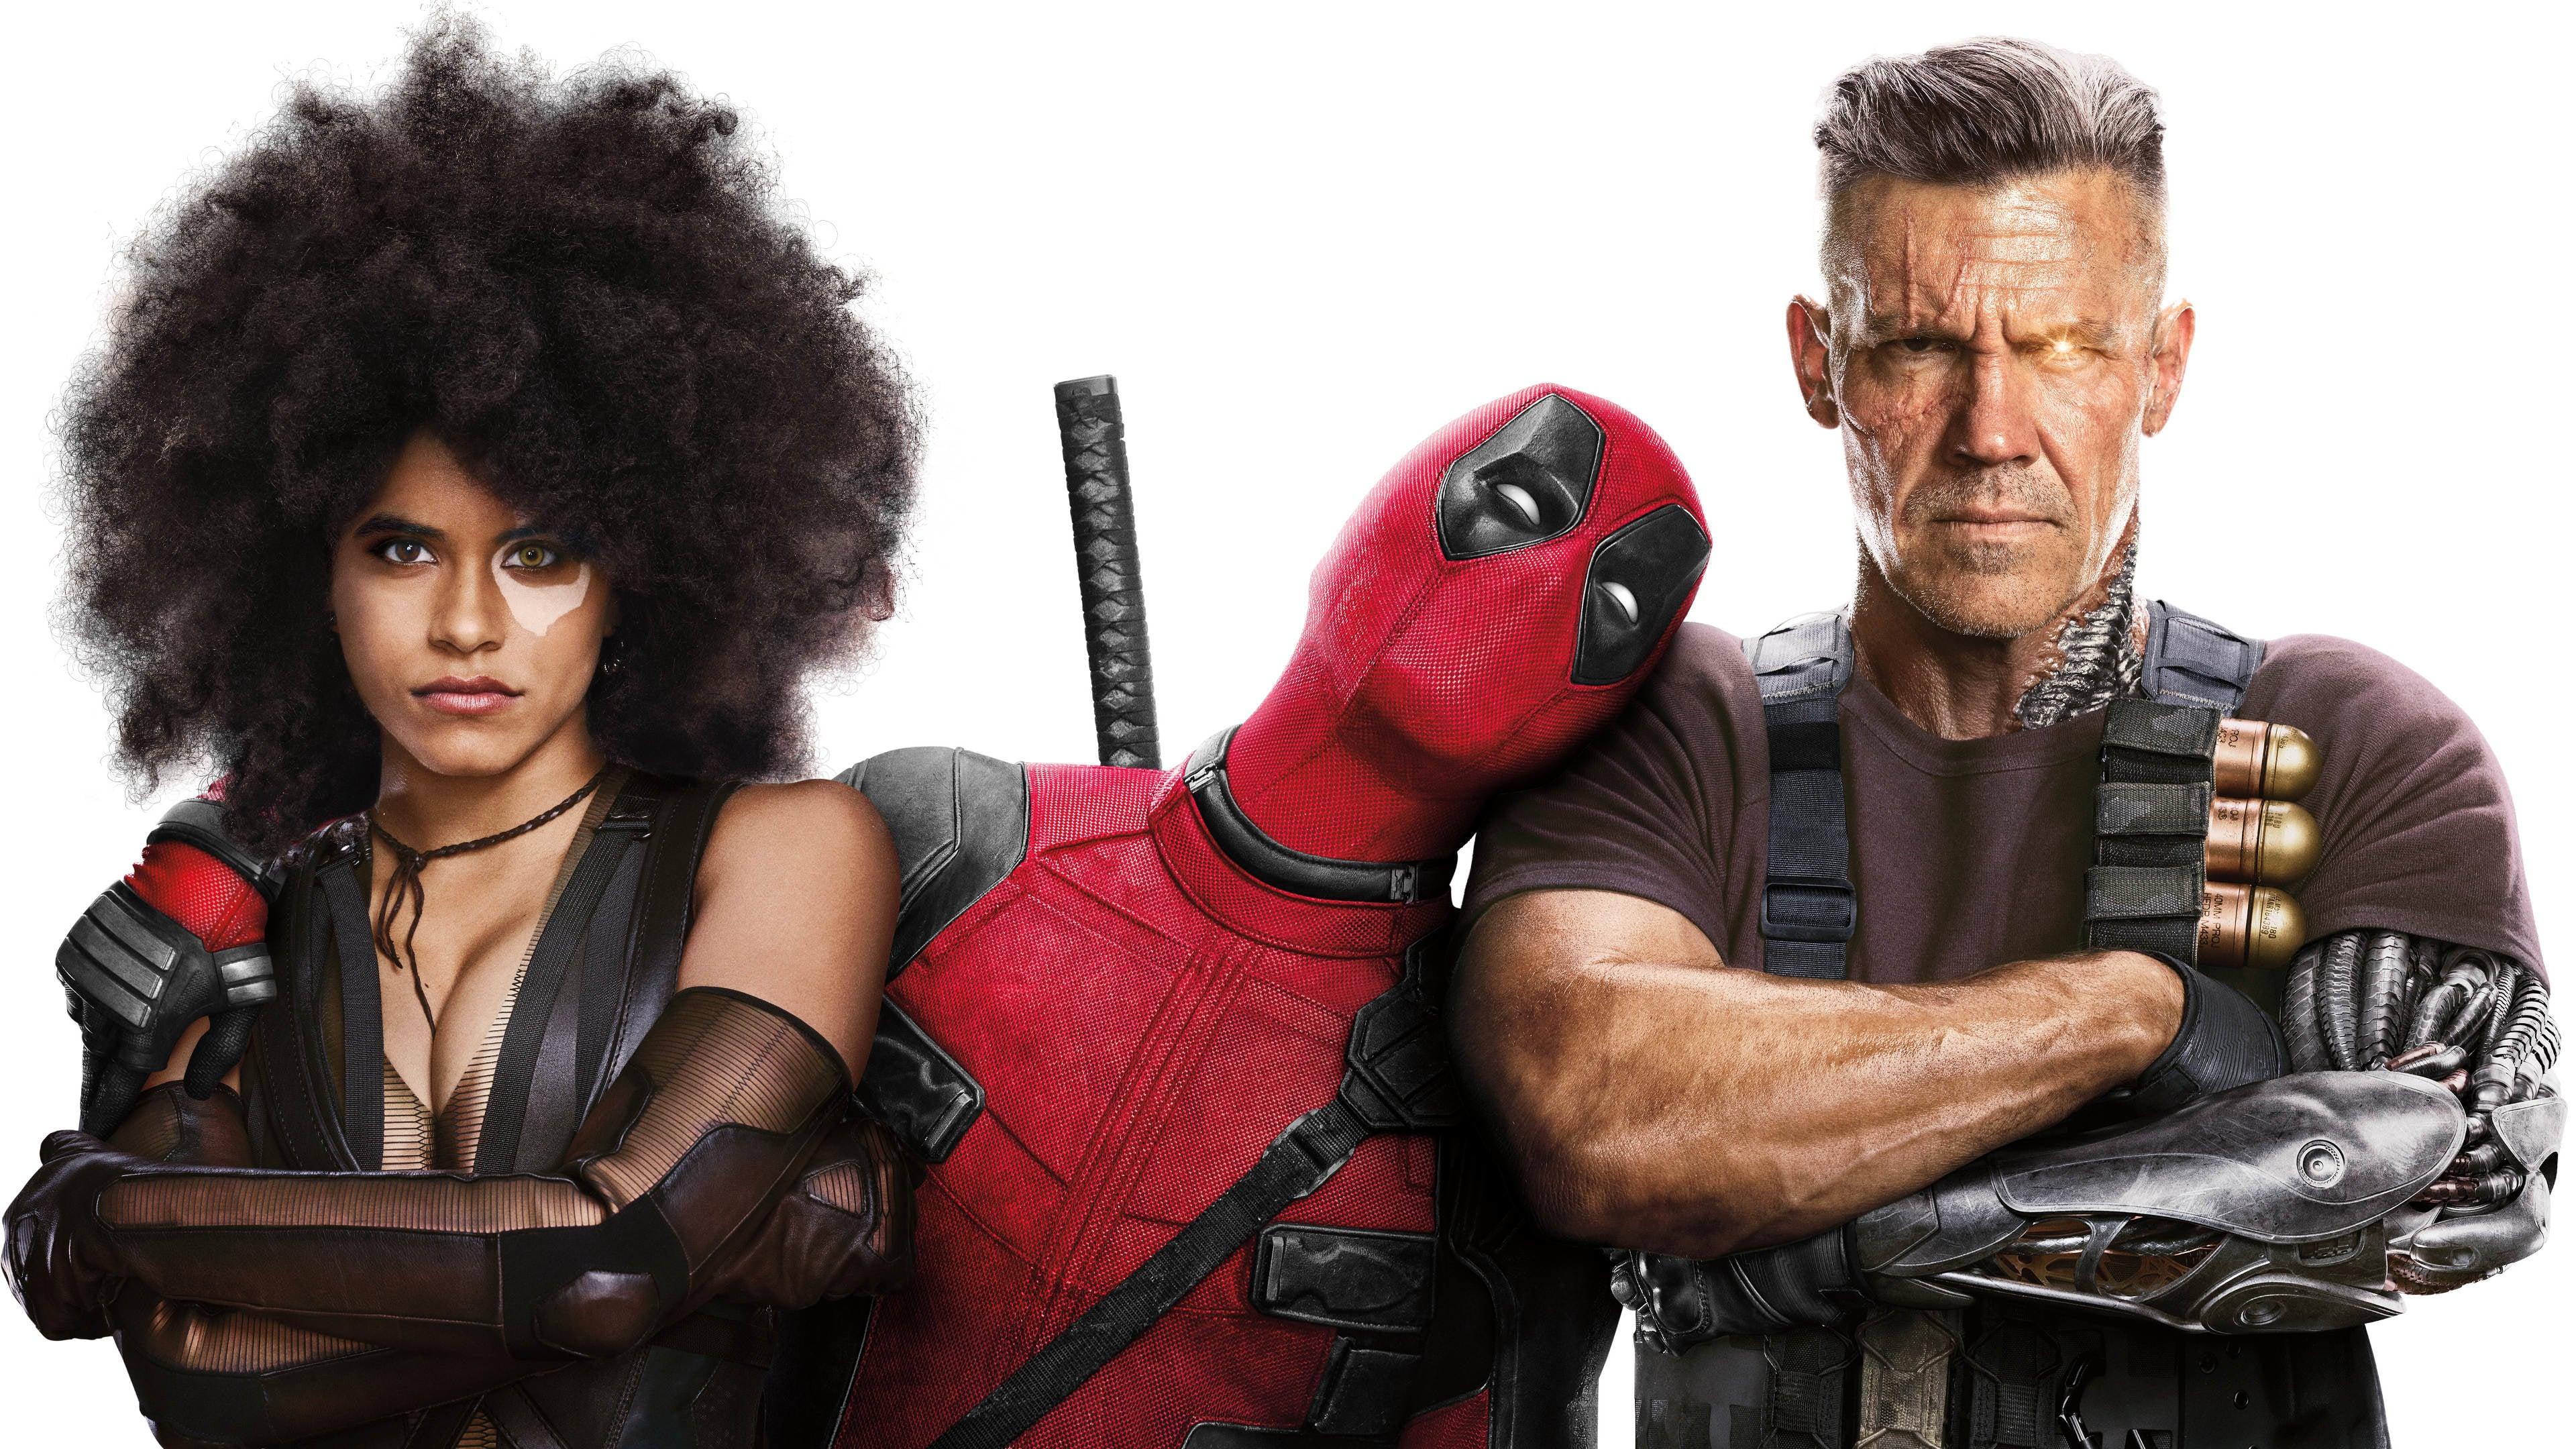 Regarder Deadpool 2 en streaming gratuit